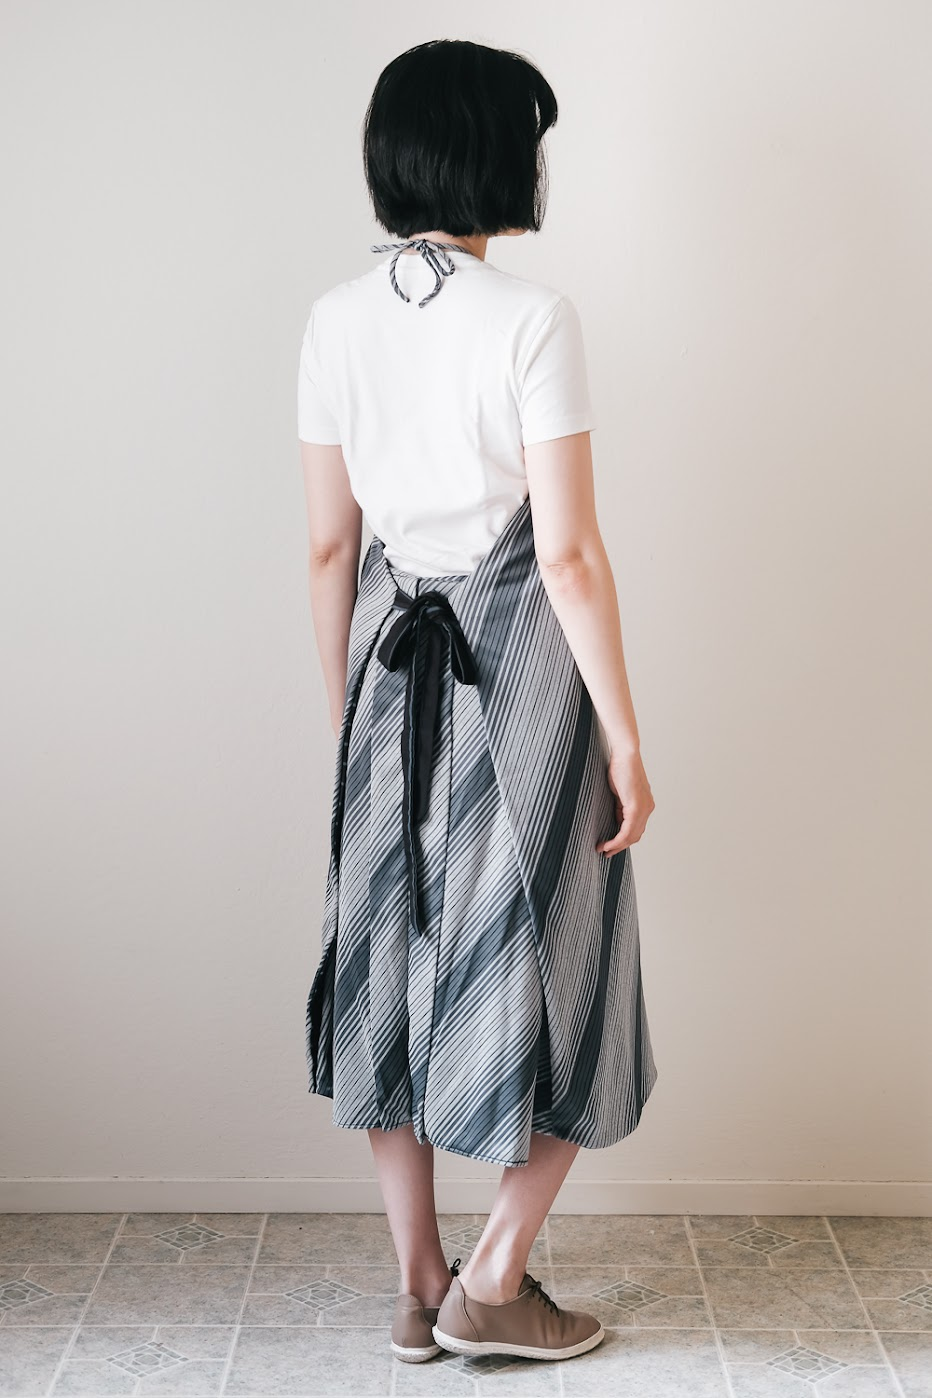 DIY Three-Way Apron Dress - DIY Fashion Garments